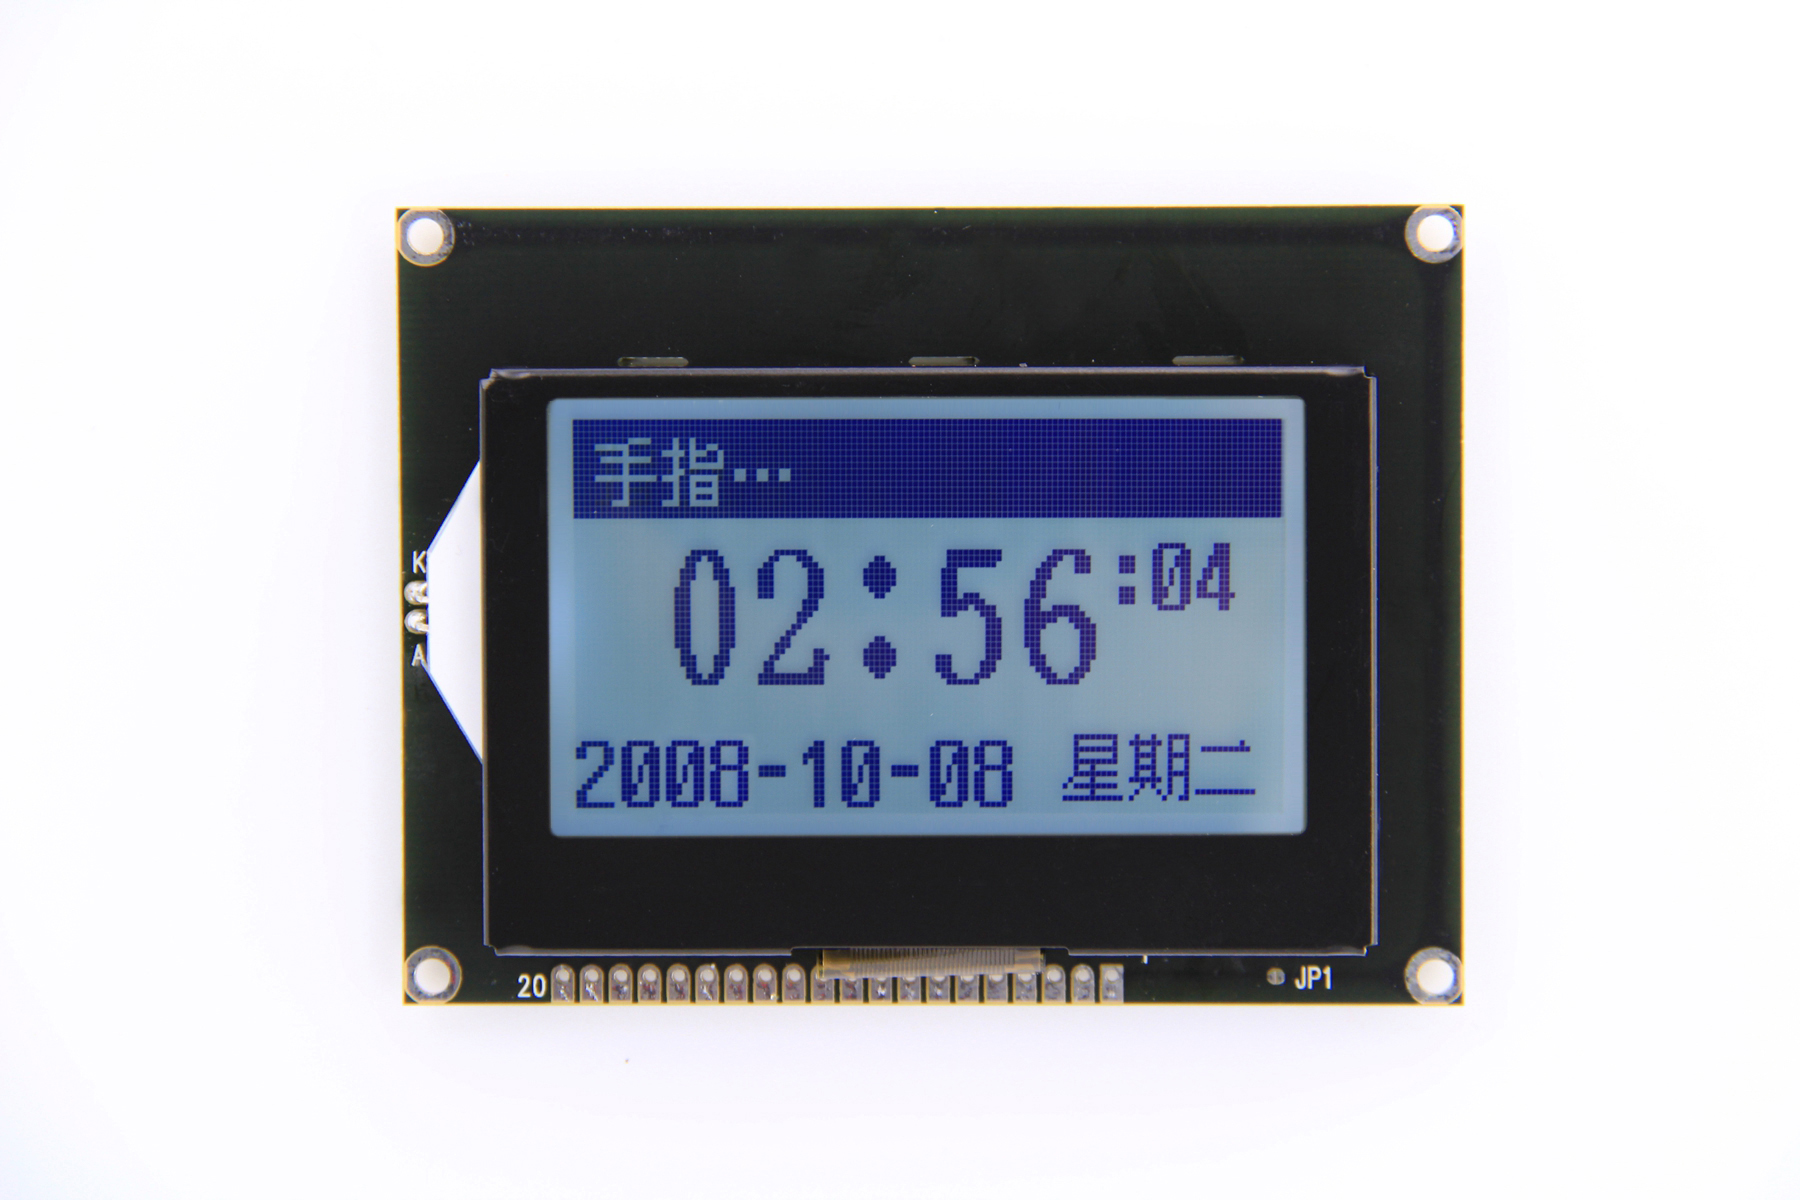 HTM12864-27--一款尺寸完全替代COB12864标准品的?#22270;?#28082;晶显示模组!